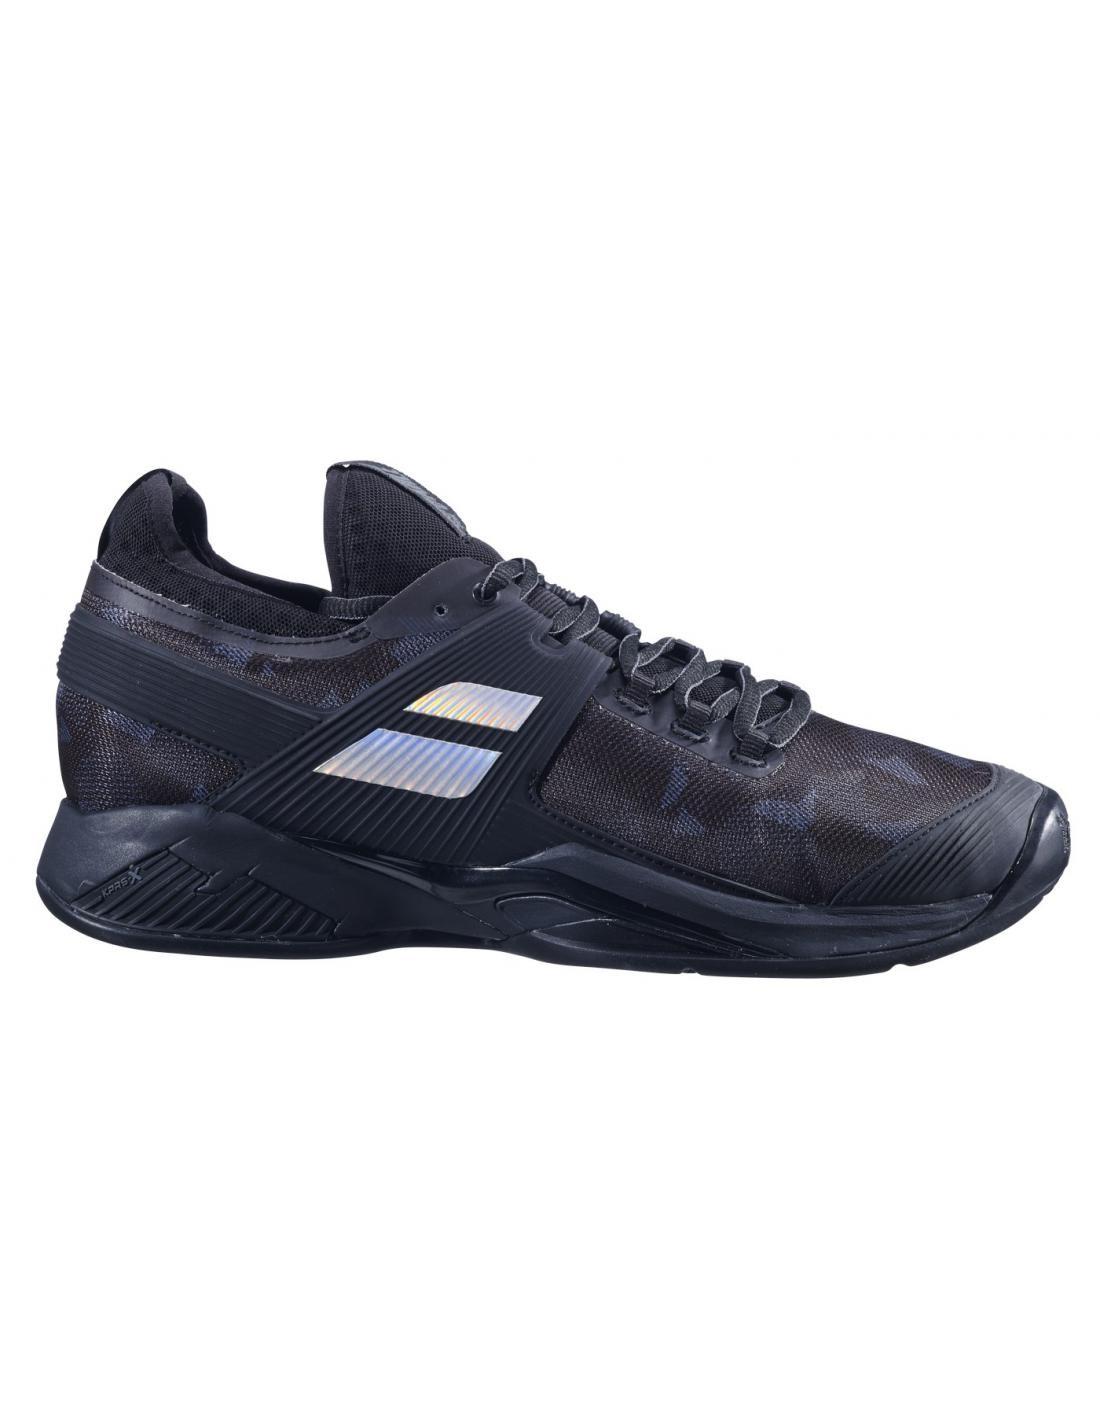 Buty tenisowe Babolat Propulse Rage Clay 2020